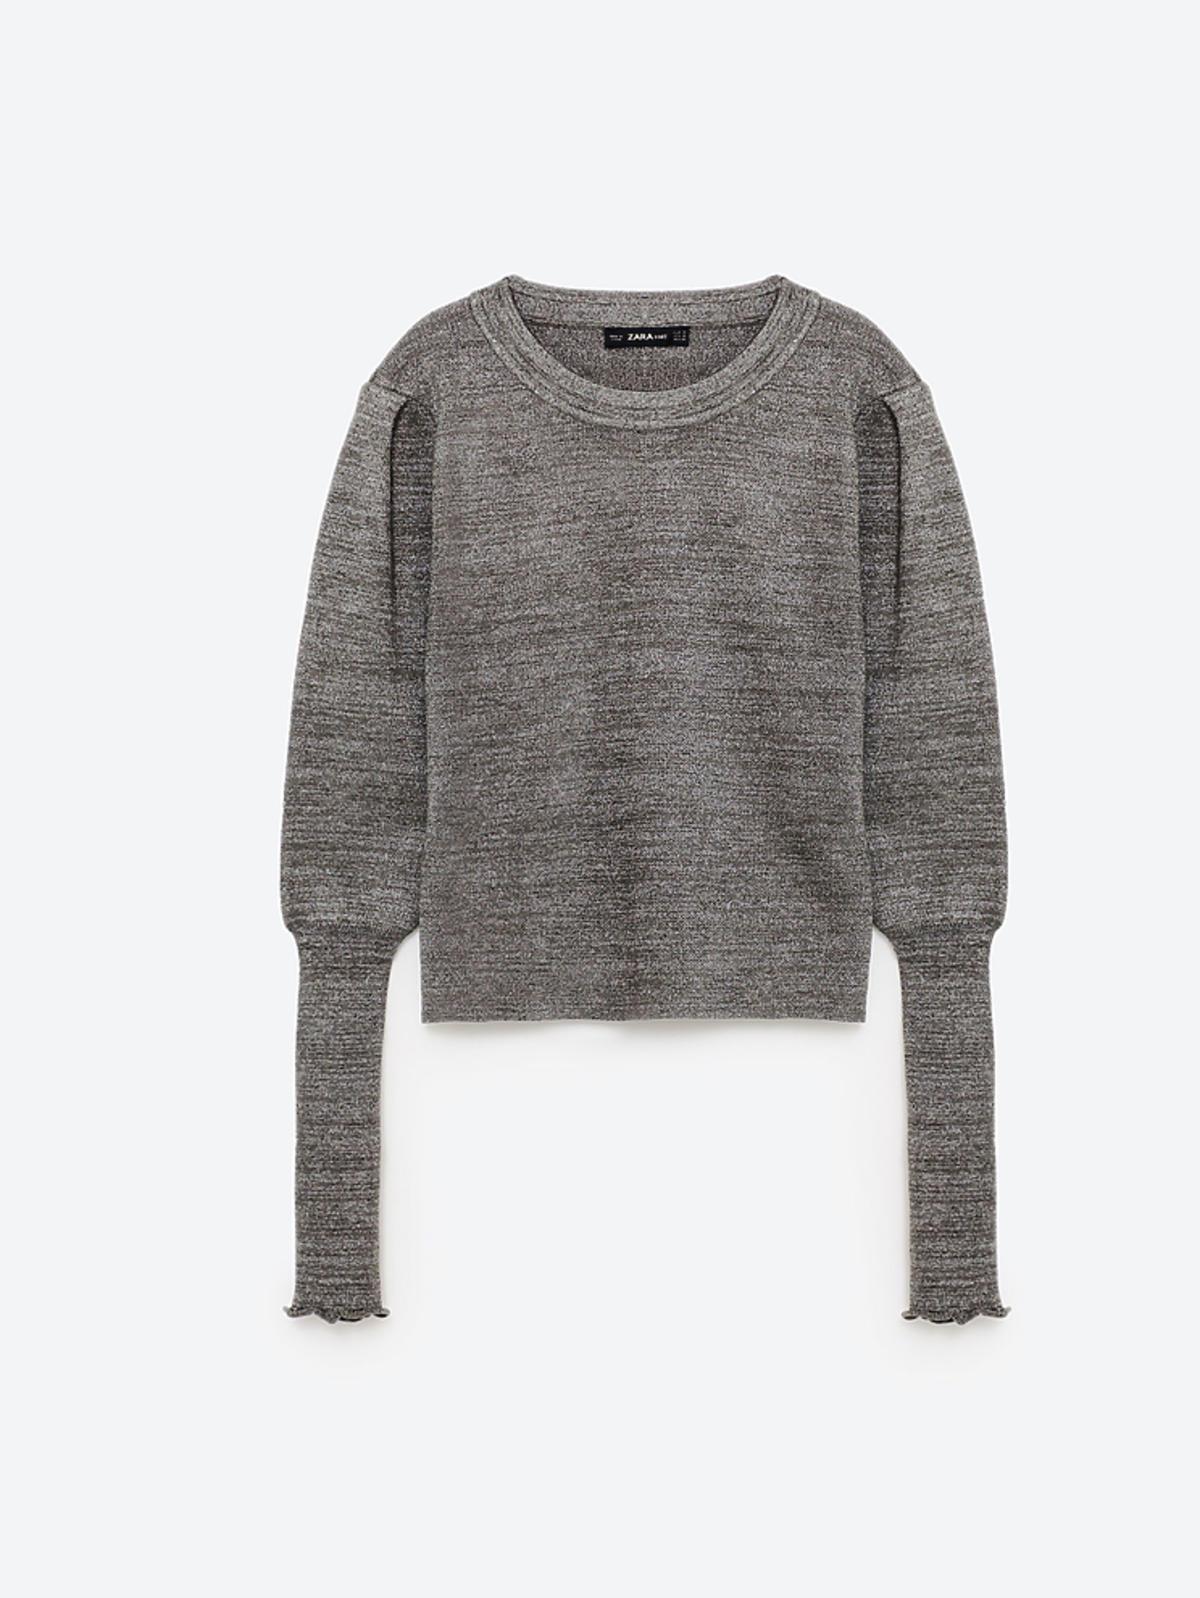 Wyprzedaż zimowa 2016: Sweter z bufiastymi rękawami, Zara, przeceniony z 119,00 zł na 79,90 zł